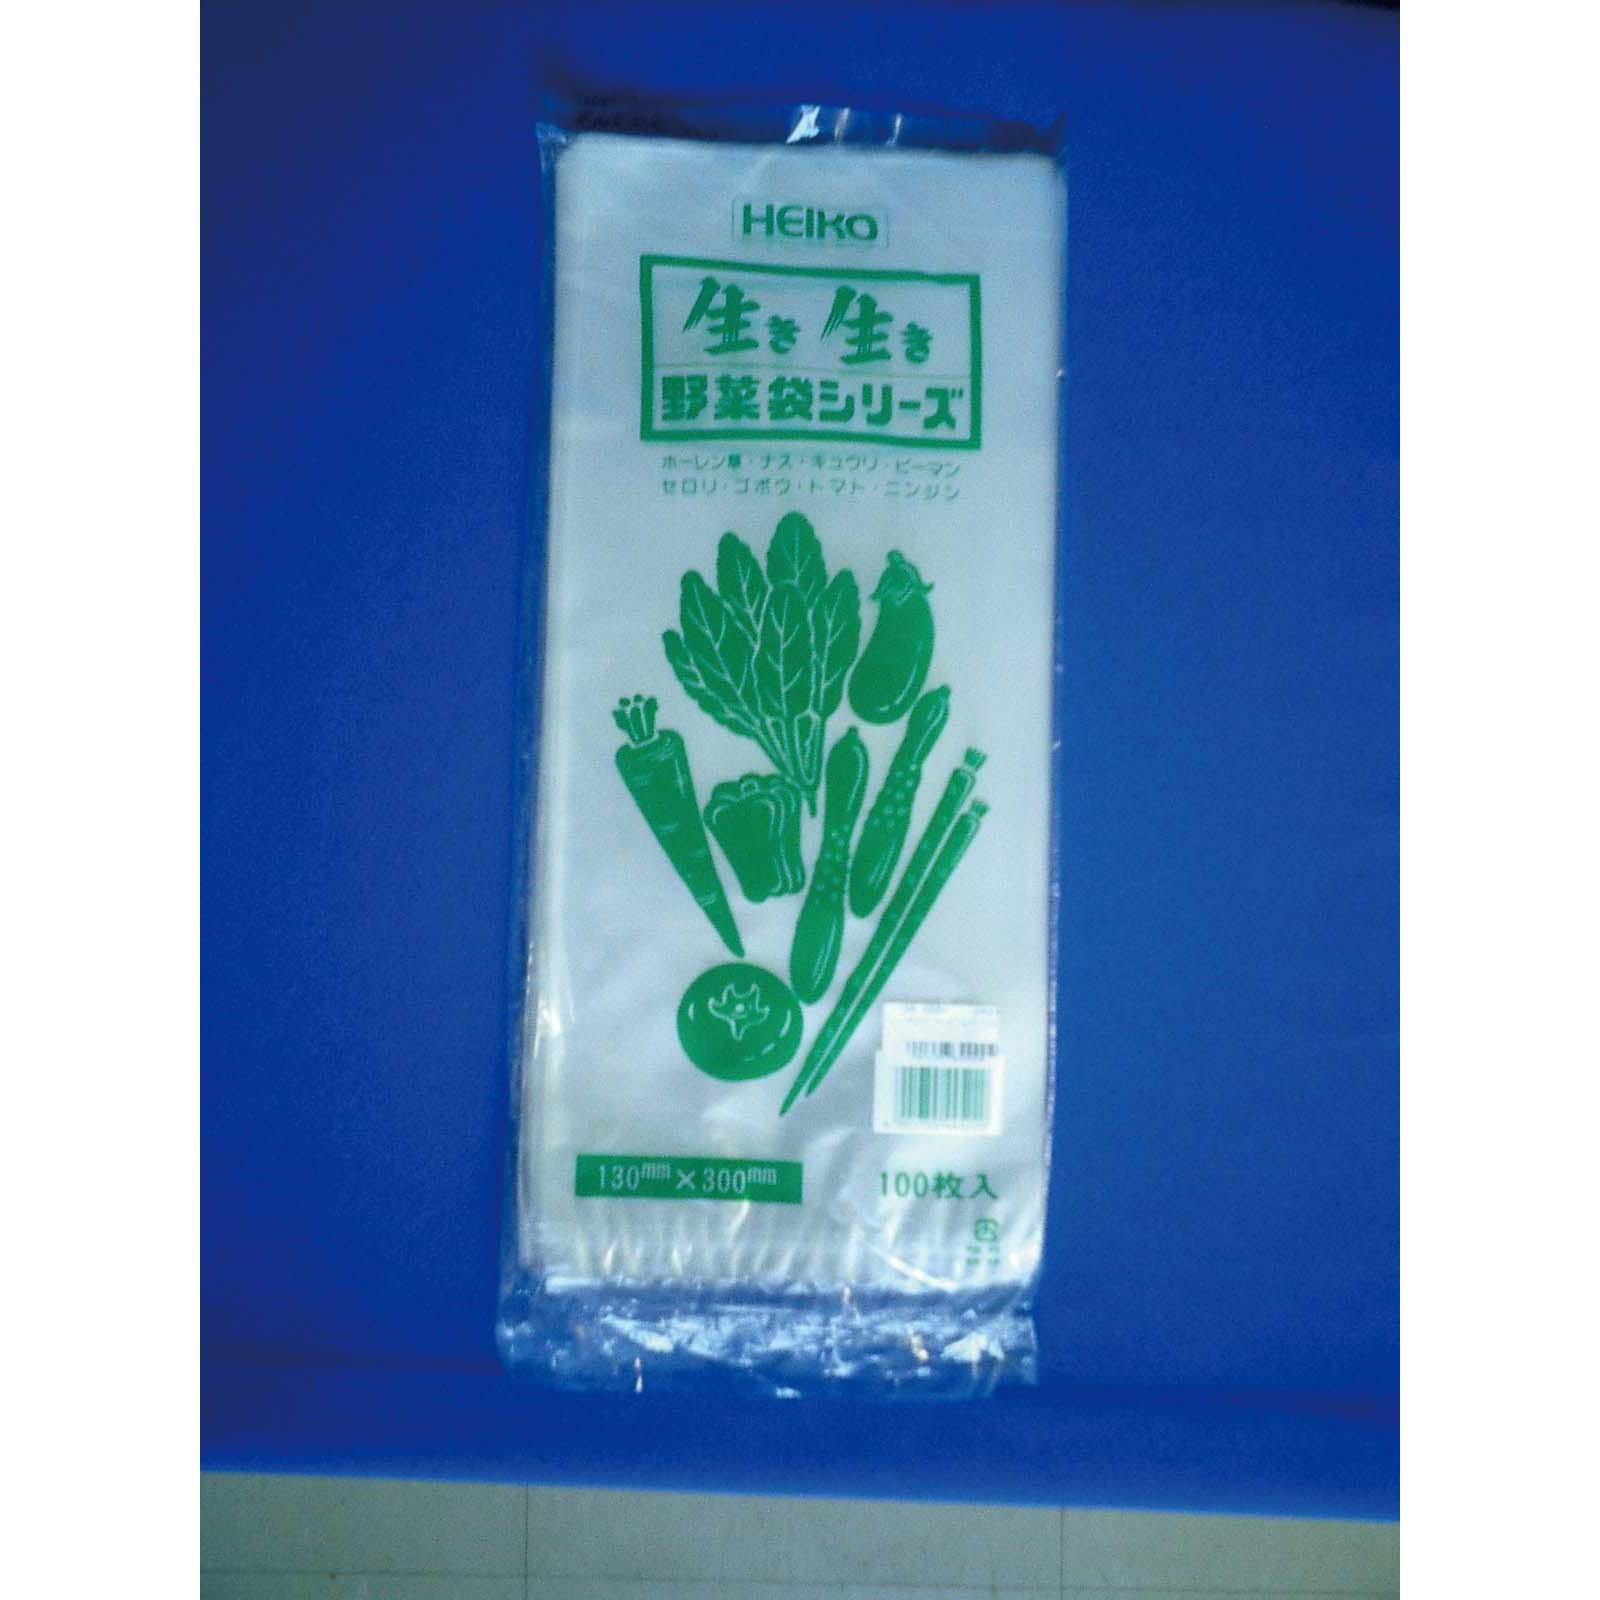 きゅうり用 PP野菜無地袋